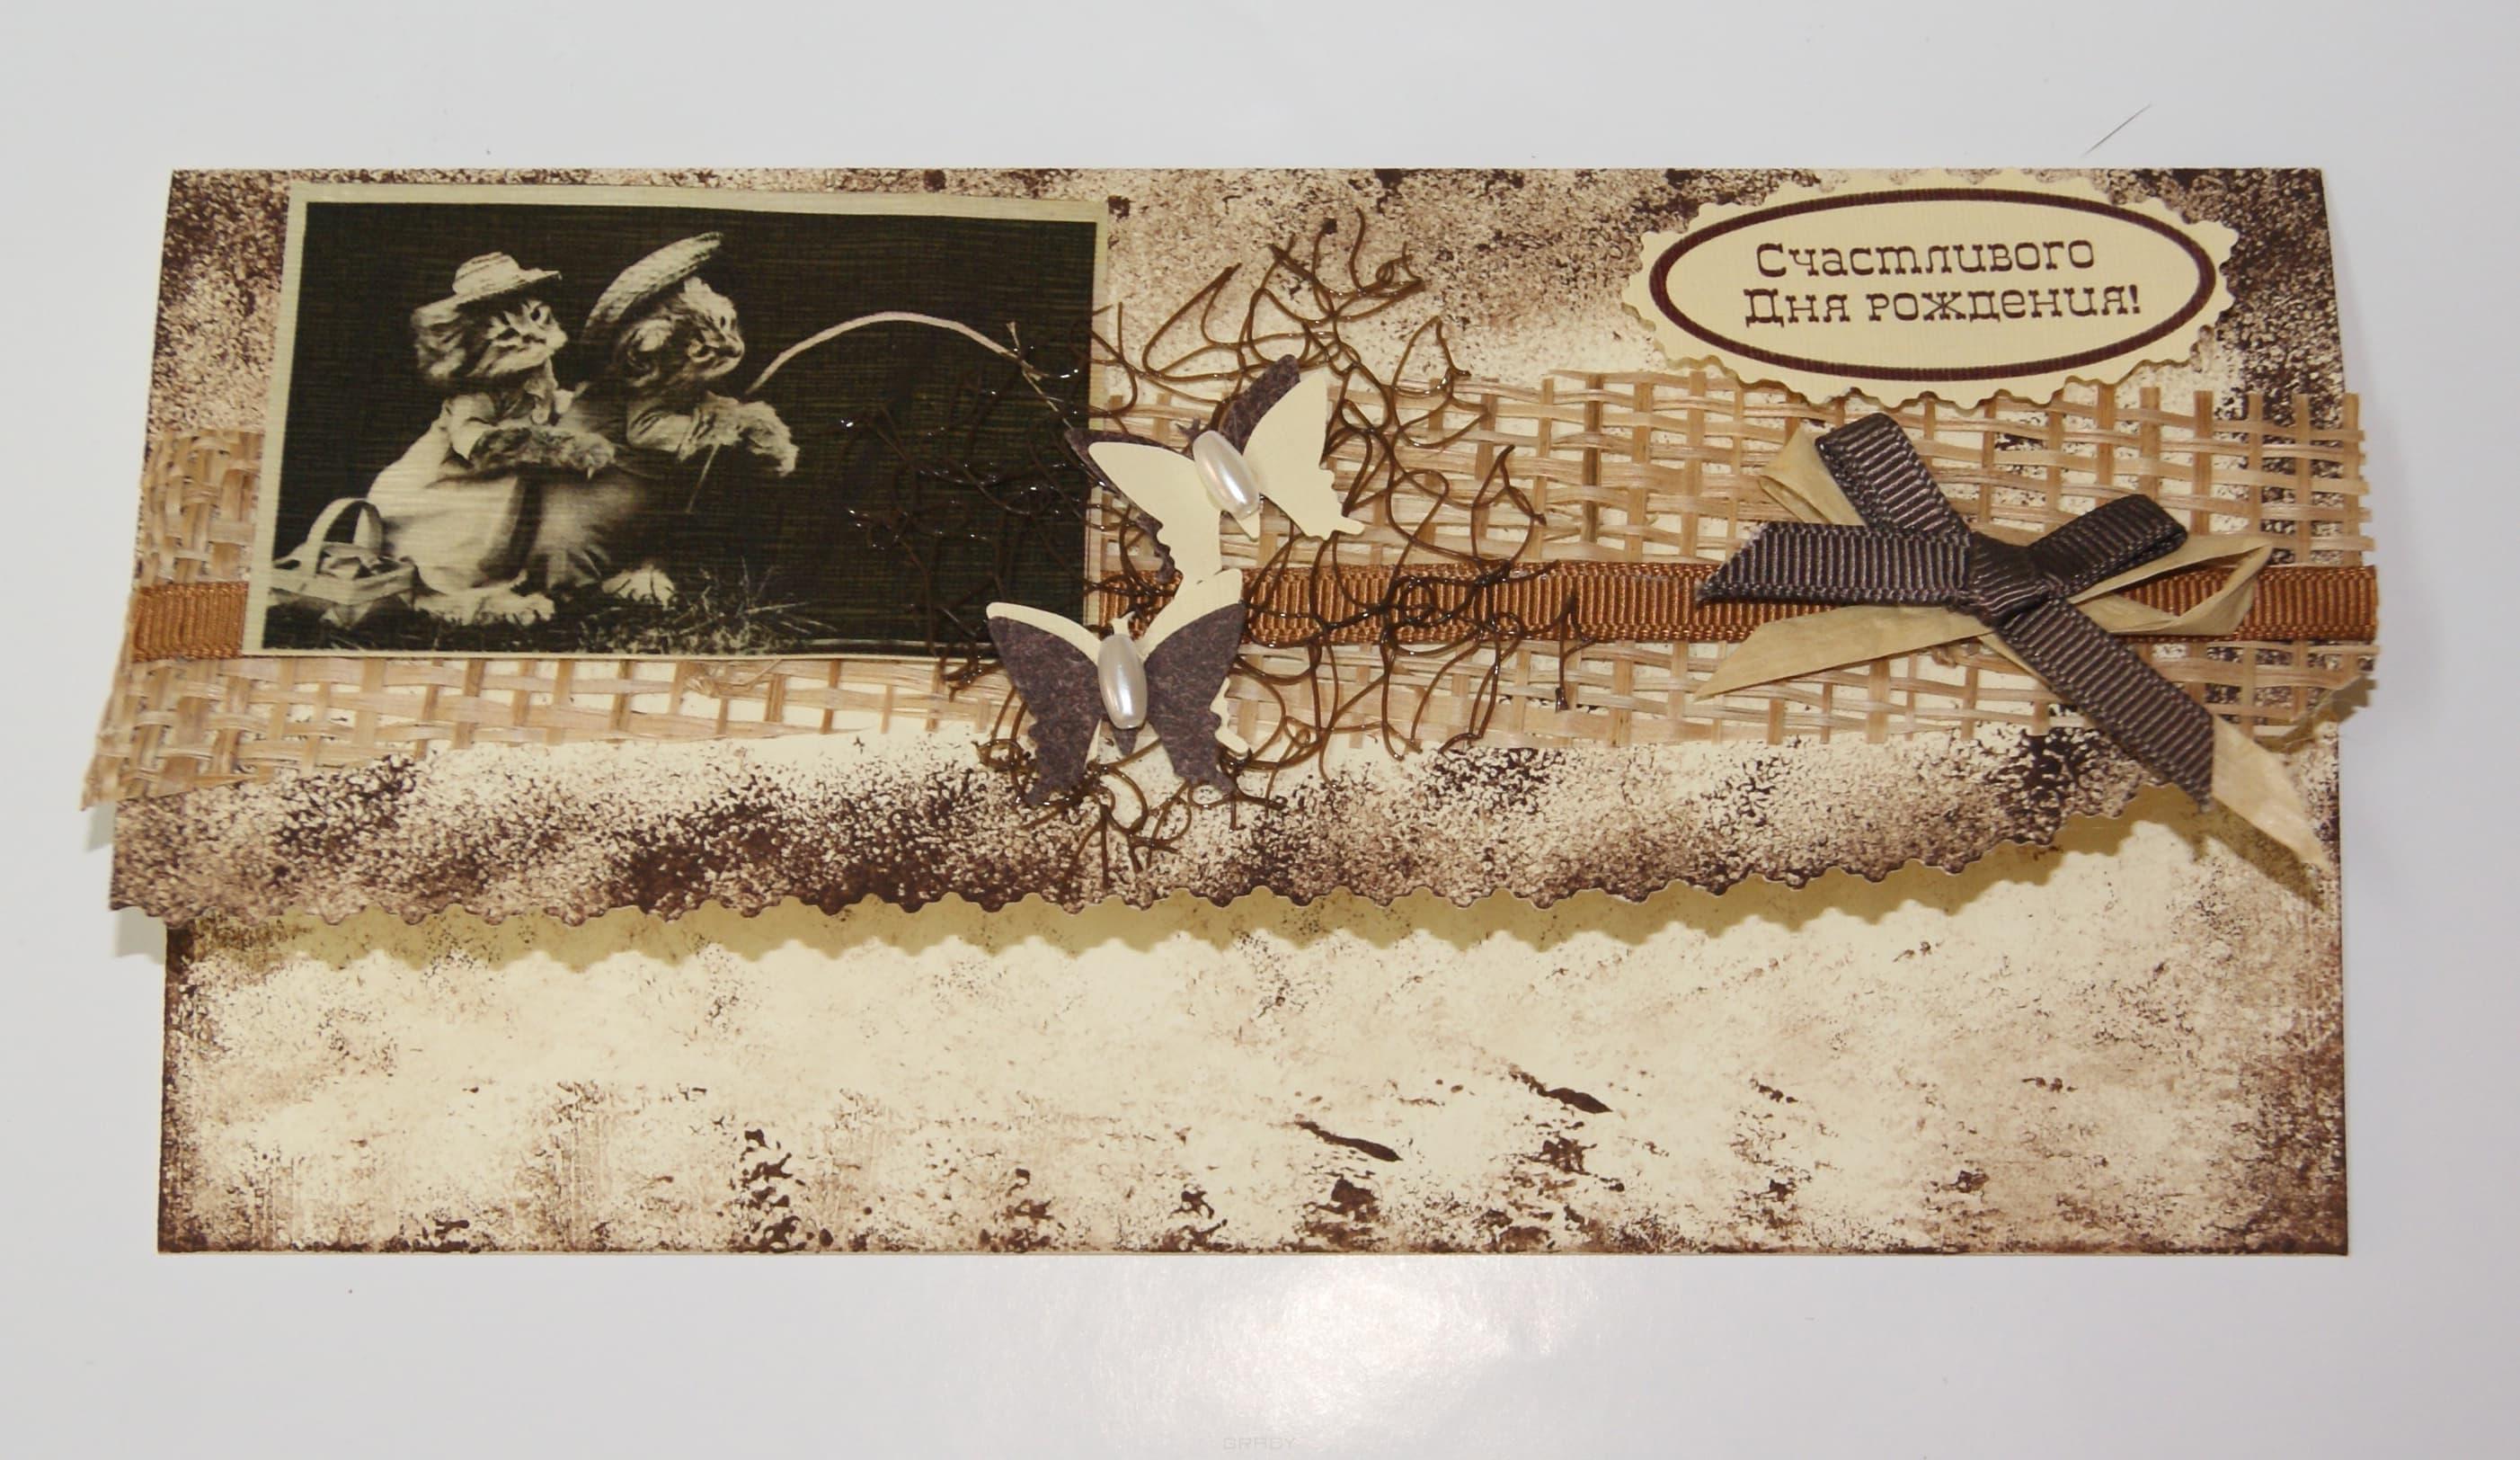 Конверт Счастливого Дня Рождения в стиле кантри, 20х10 смКонверт ручной работы выполнен из дизайнерского картона, атласных лент и аксессуаров. Комплектация: конверт, поздравительный текст, упаковочный пакет. Размер в см. 10х20<br>